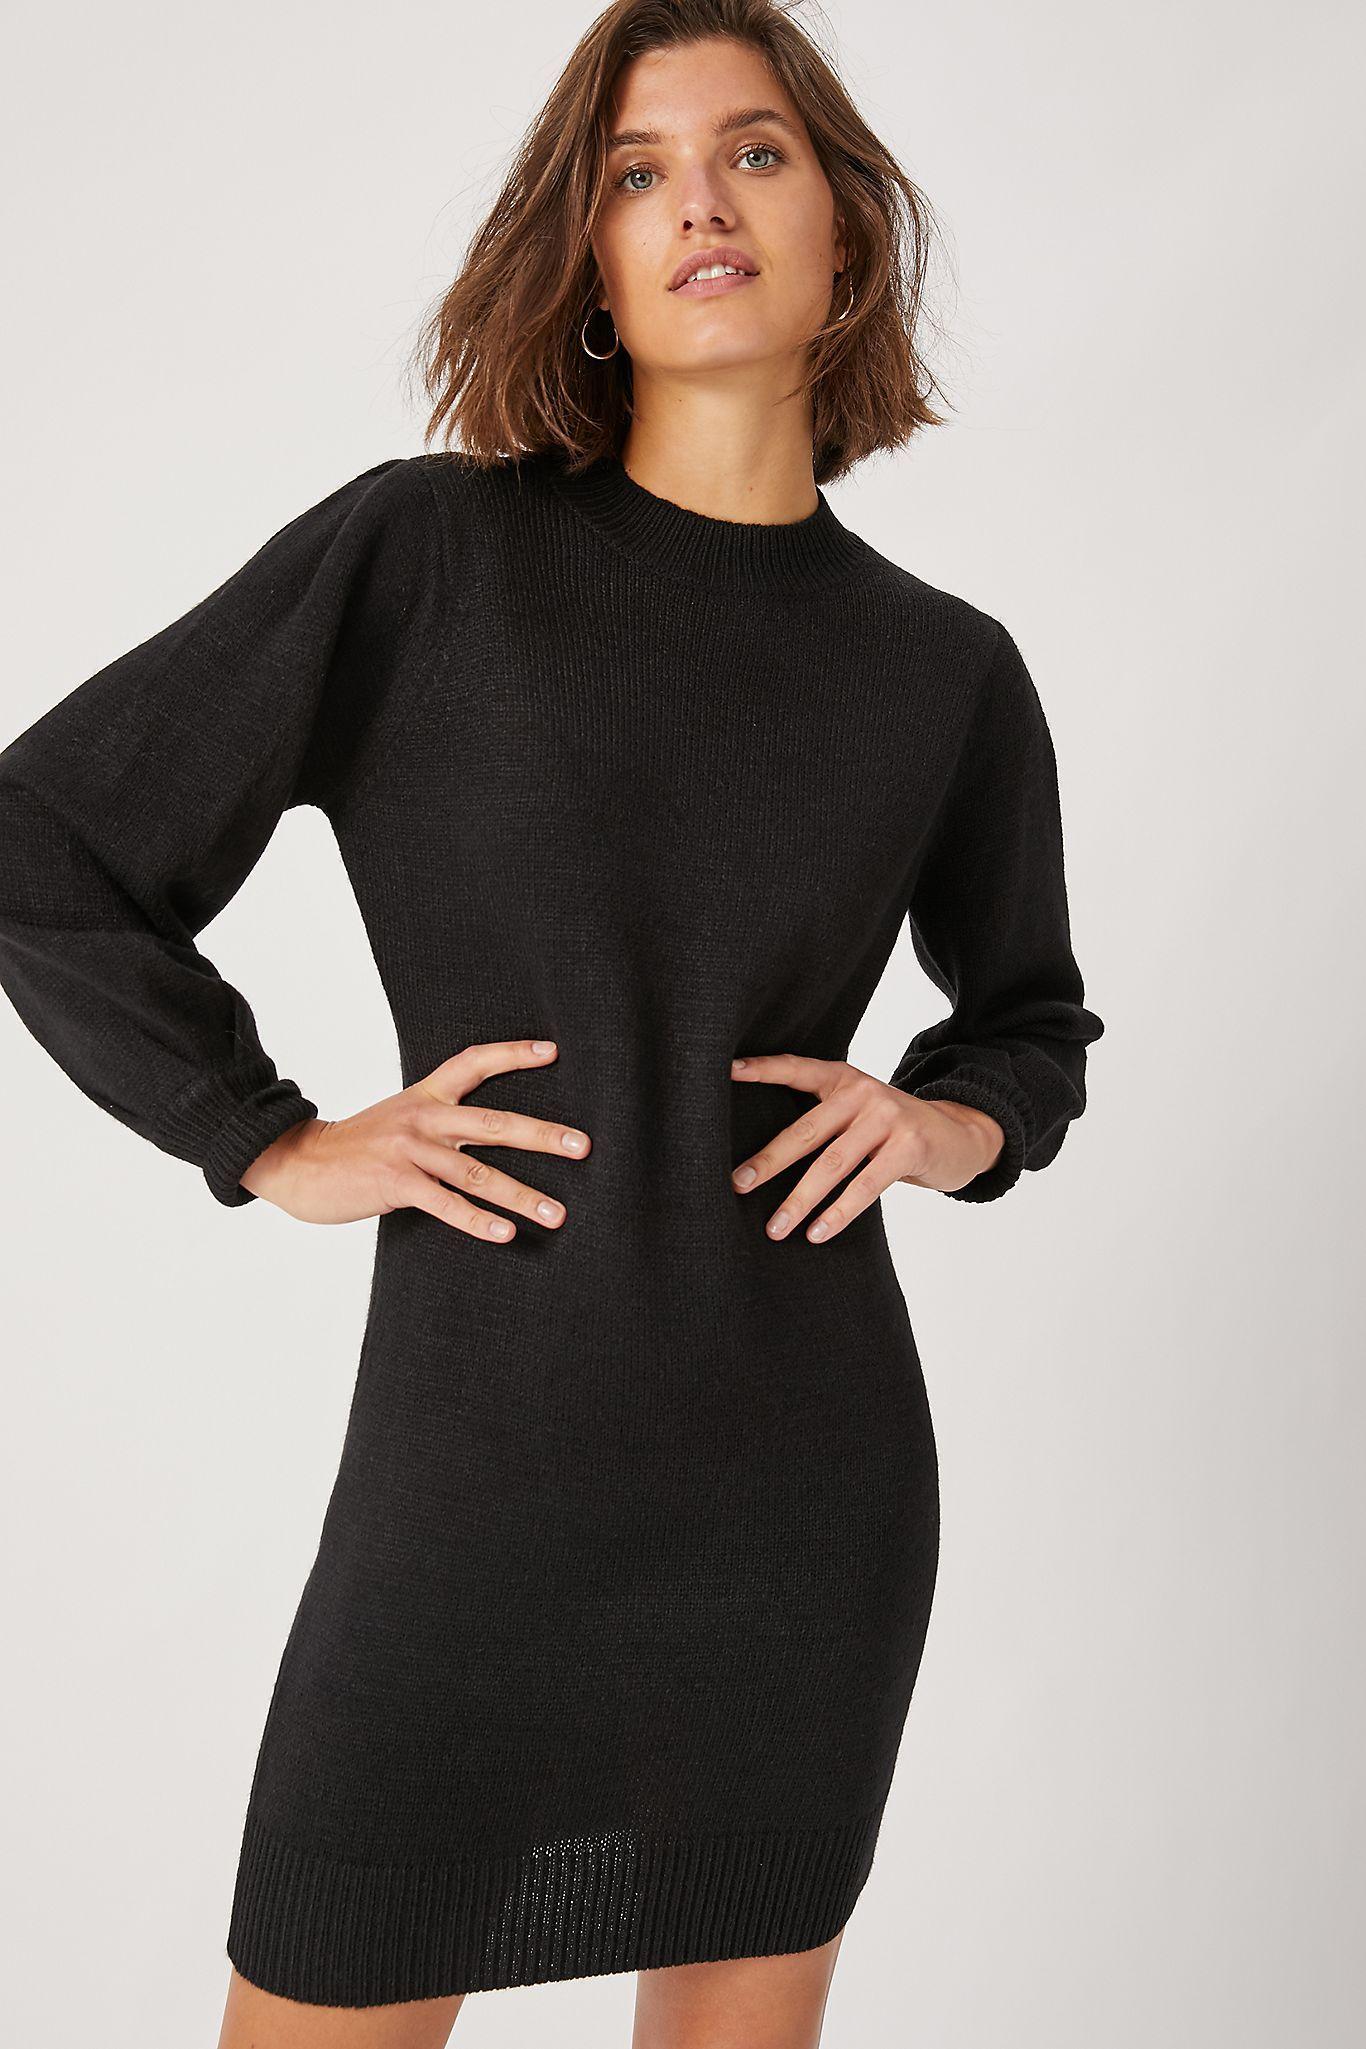 Carolyn Mini Sweater Dress Anthropologie Mini Sweater Dress Sweater Dress Dresses [ 2049 x 1366 Pixel ]